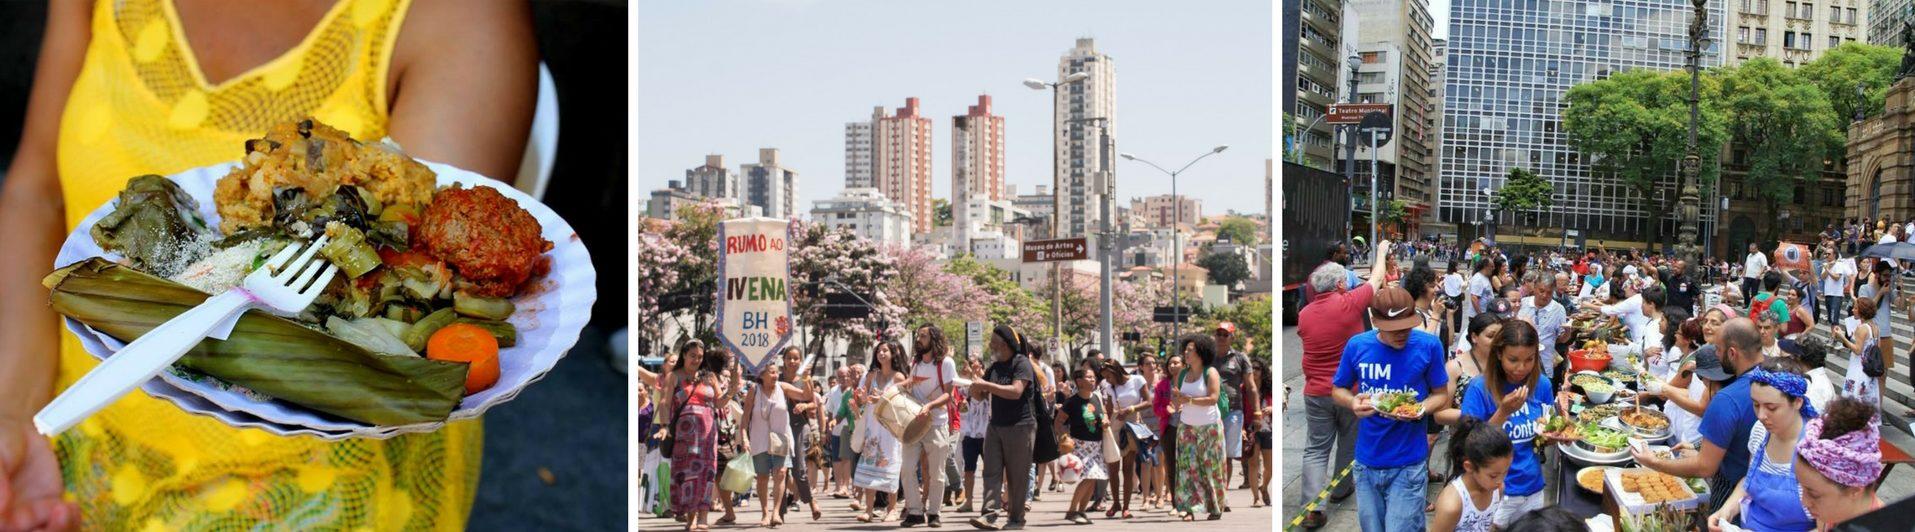 Comida de Verdade ocupa e colore ruas no Brasil